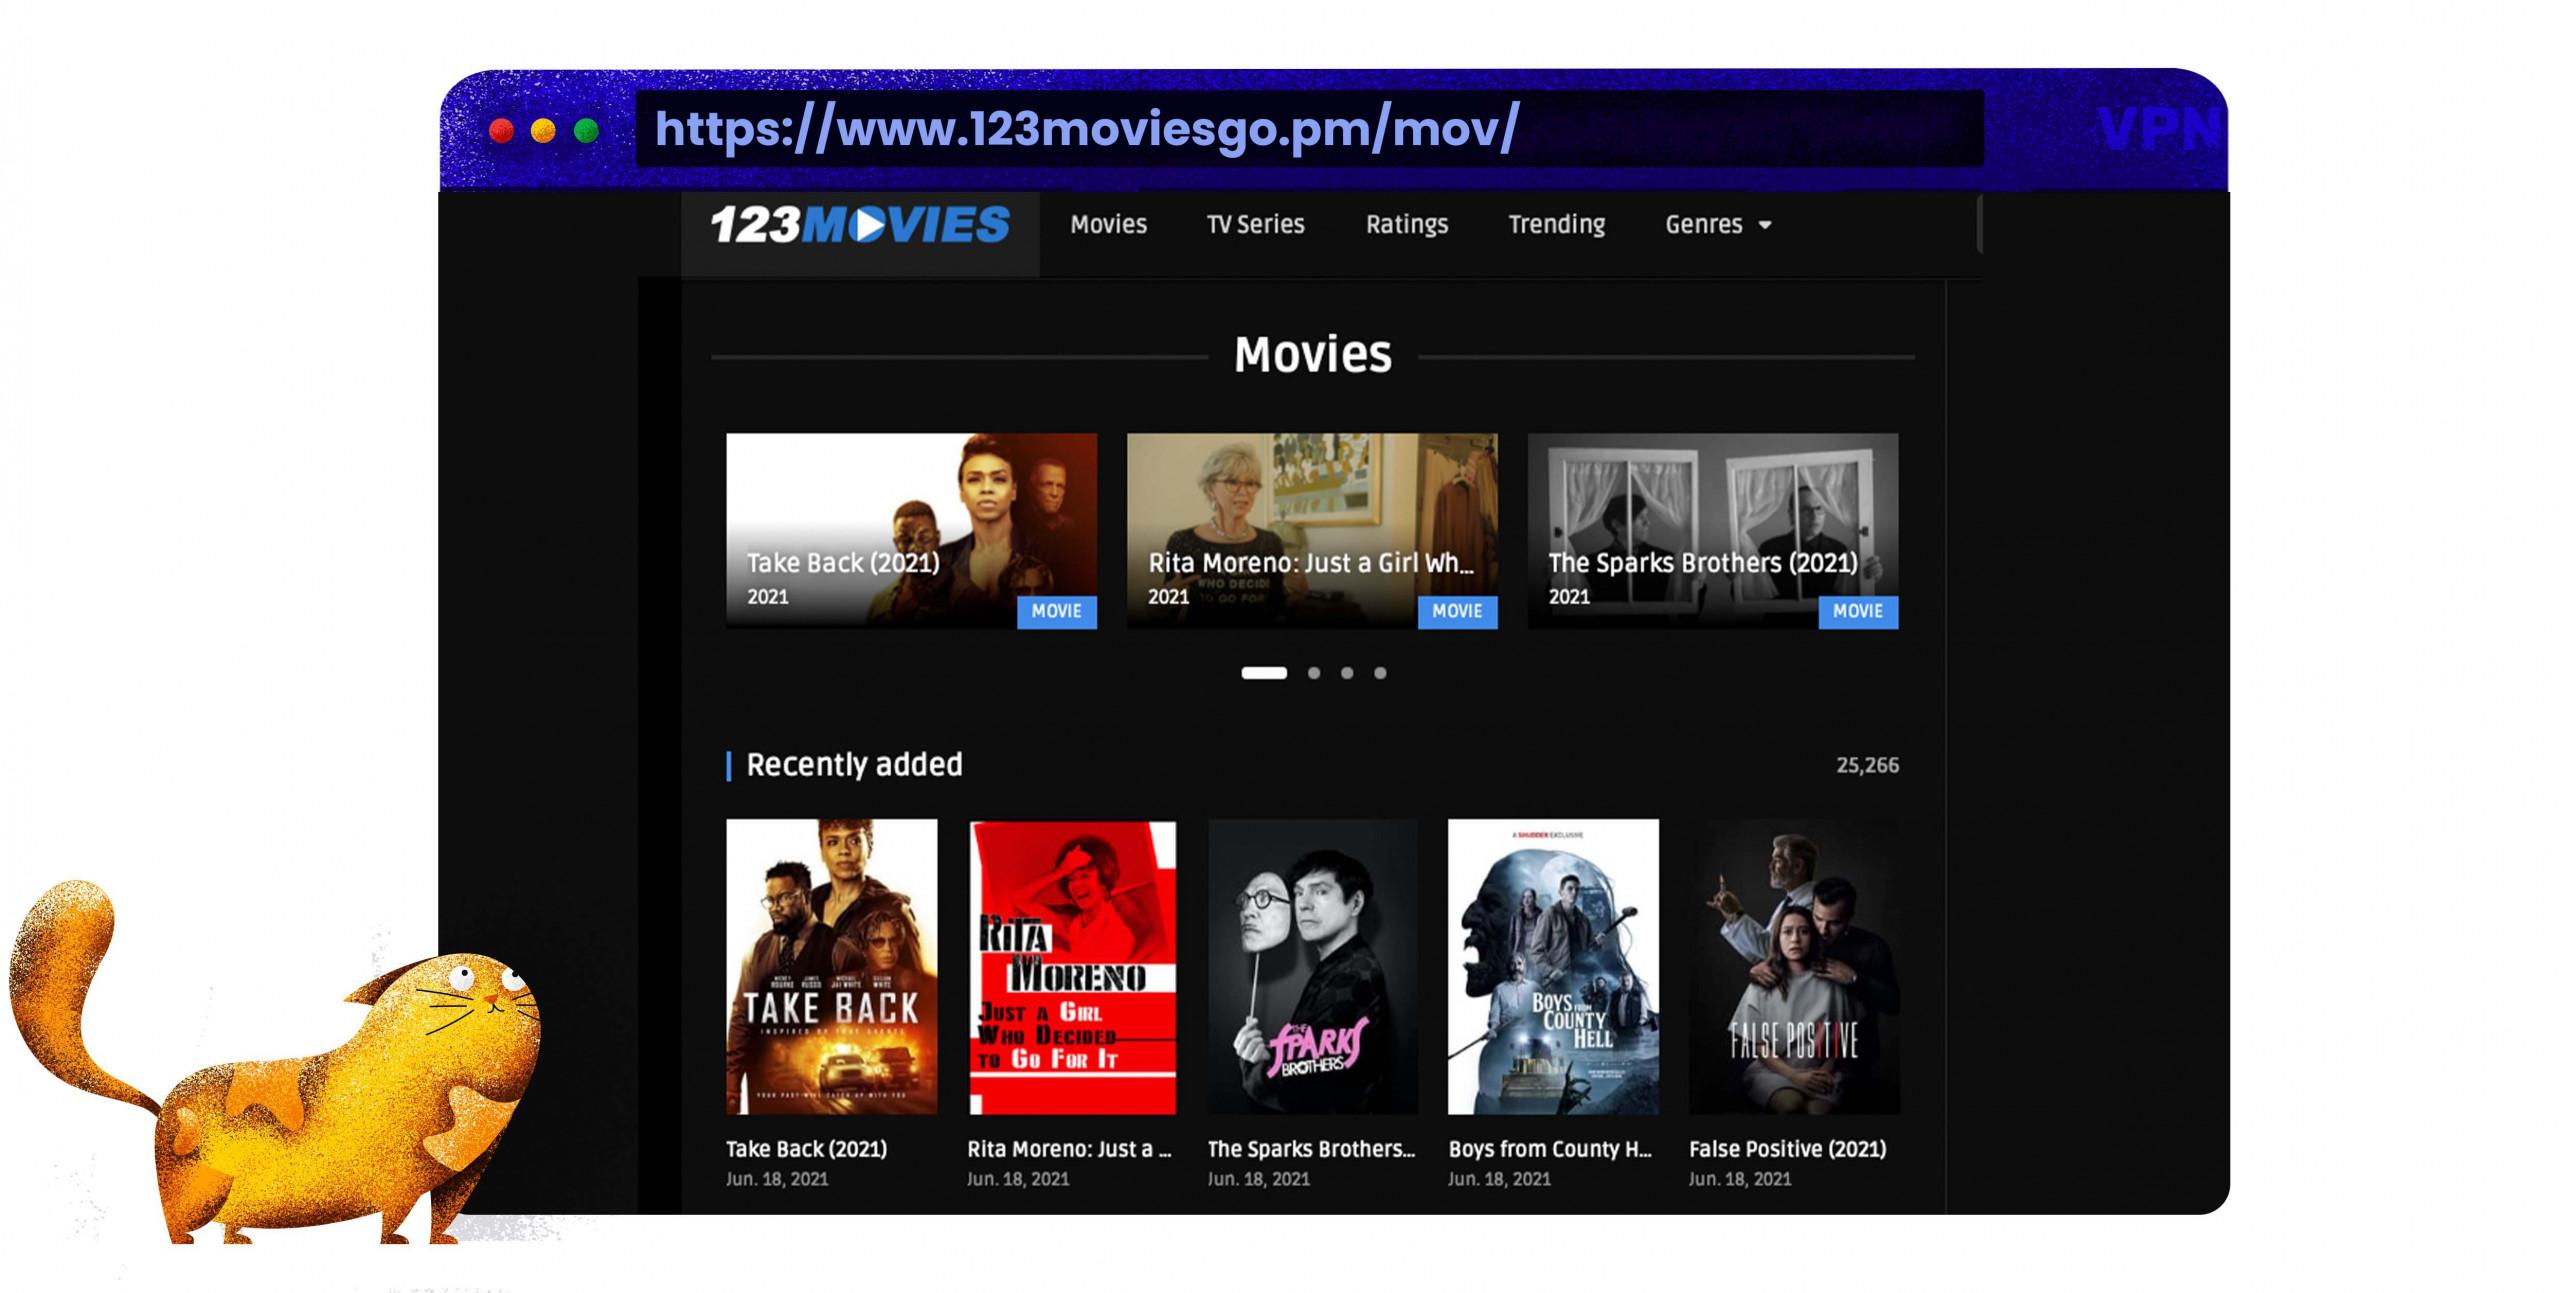 Nutzen Sie 123movies als Putlocker-Alternative zum Streamen von Filmen und TV-Serien